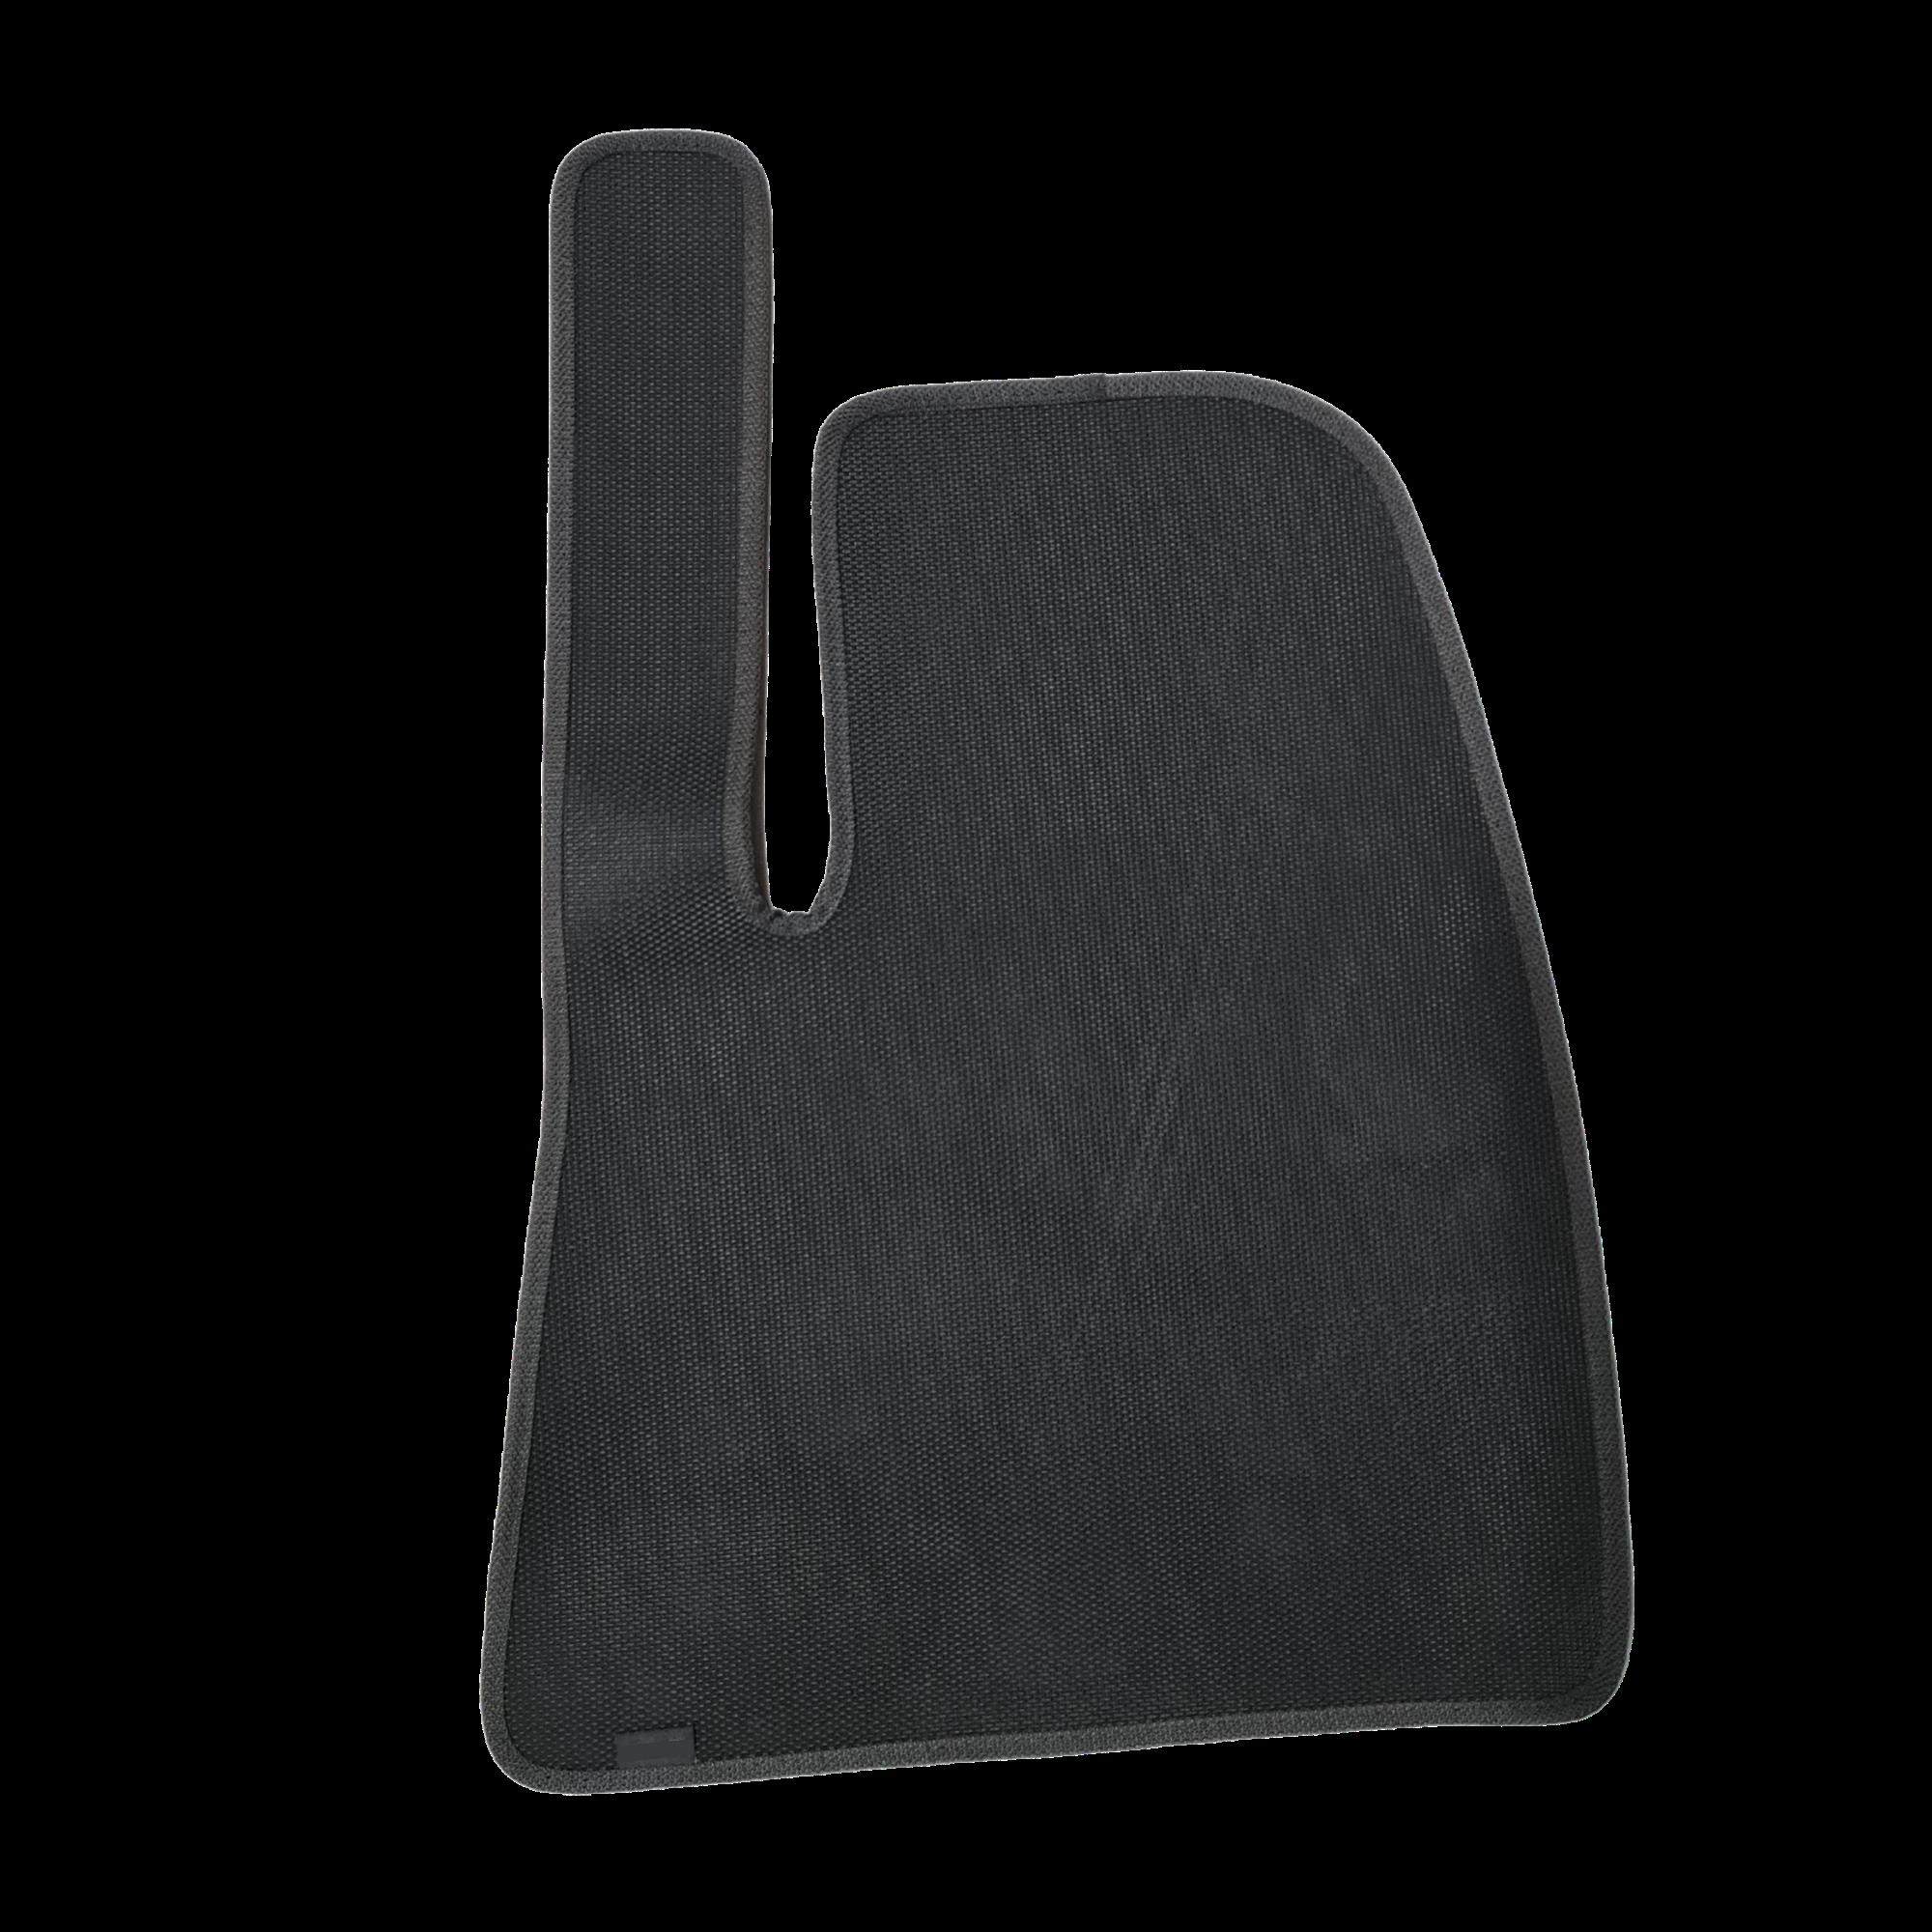 rubber floor mats for tesla model 3 australia